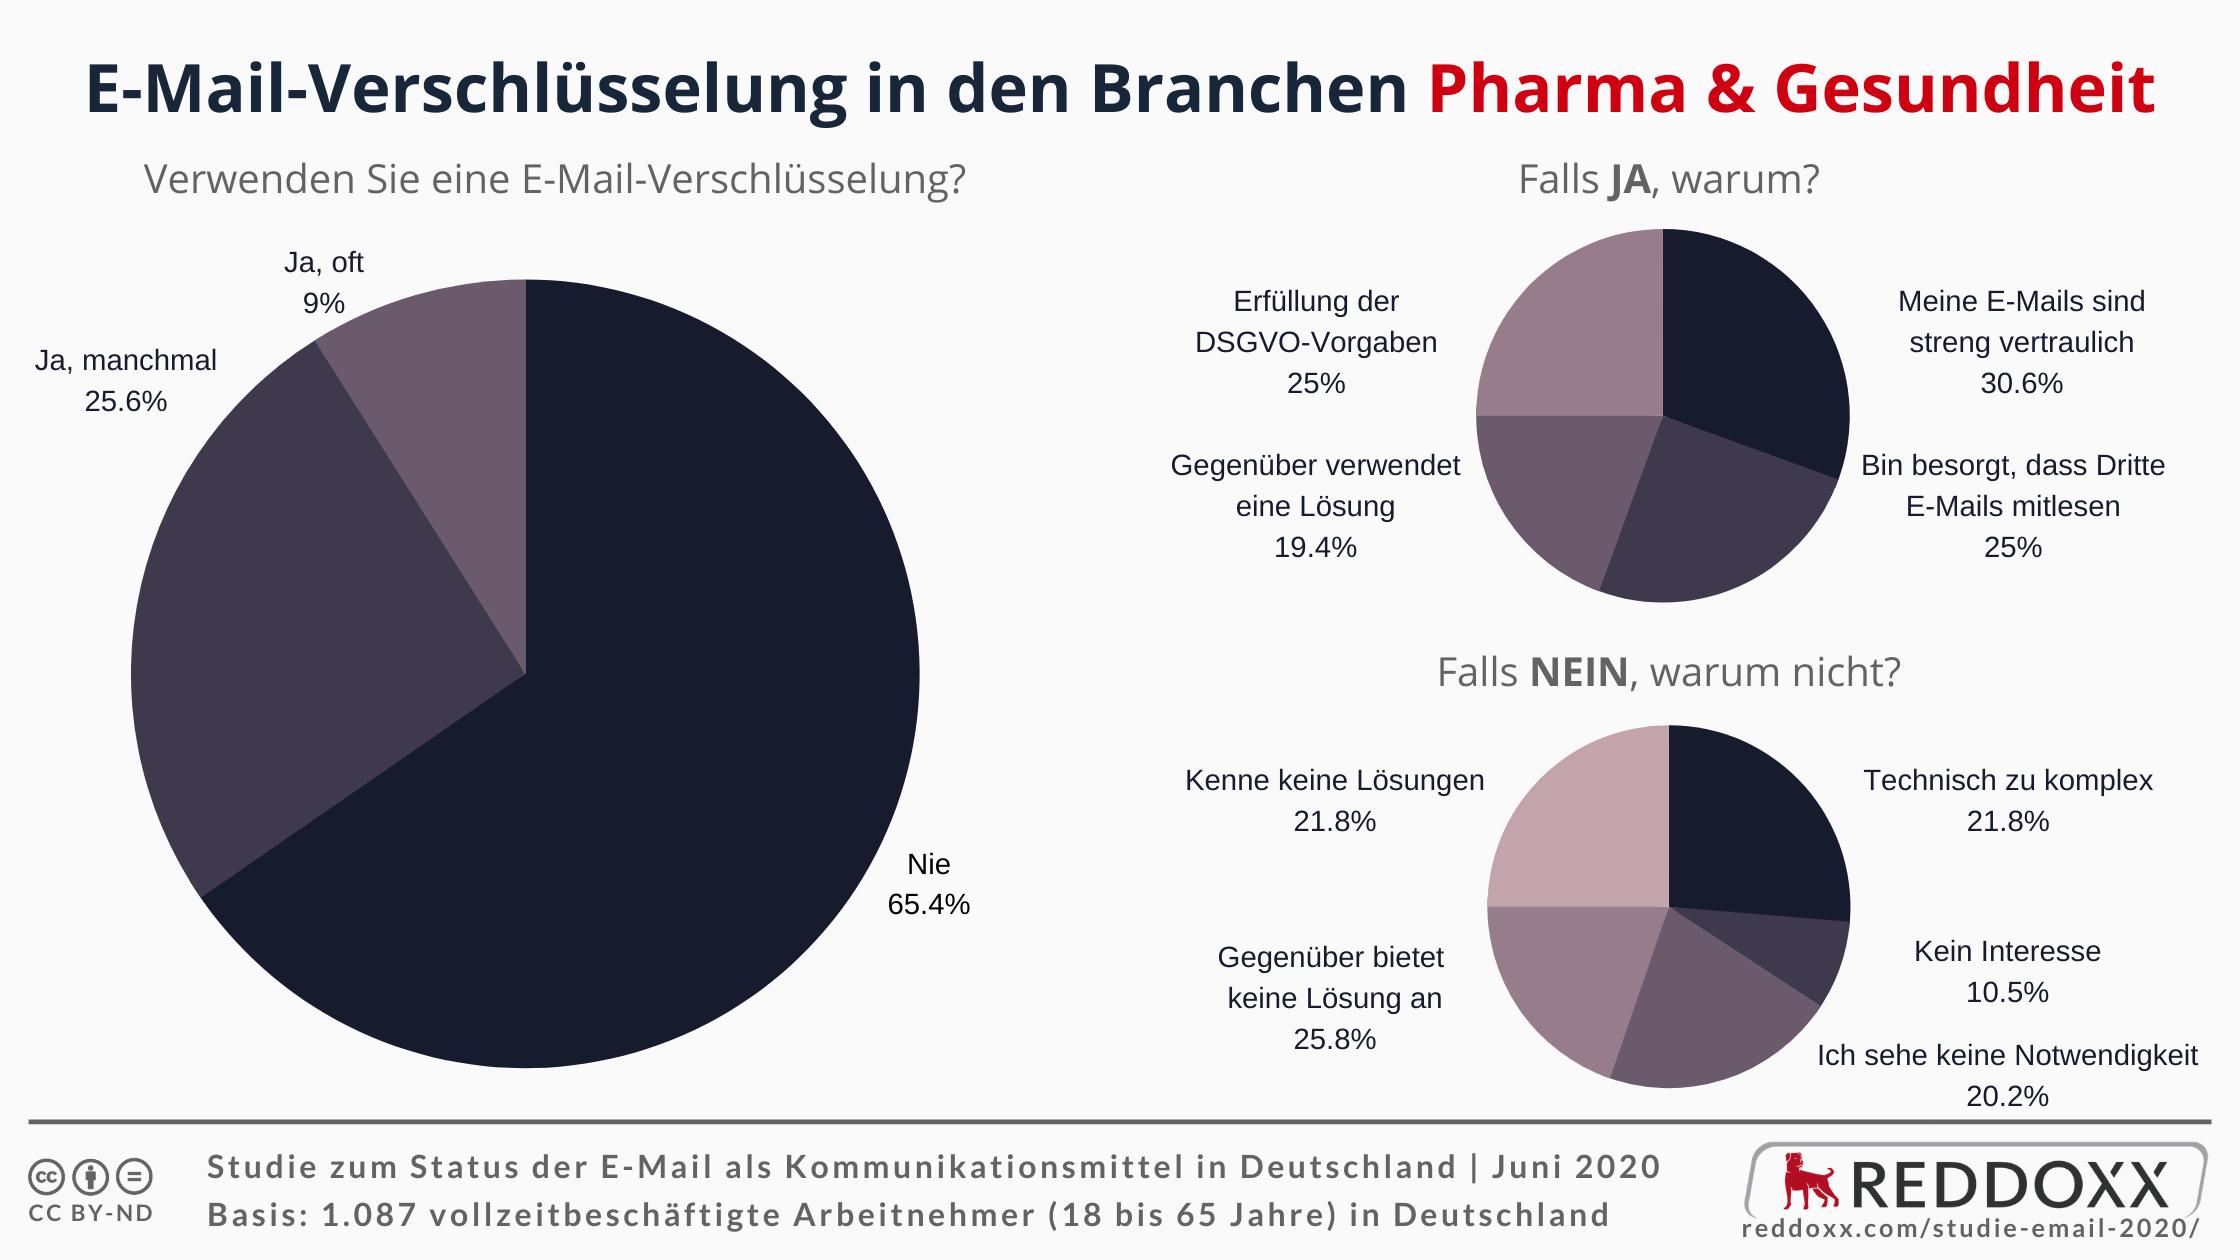 E-Mail-Verschlüsselung in den Branchen Pharma & Gesundheit